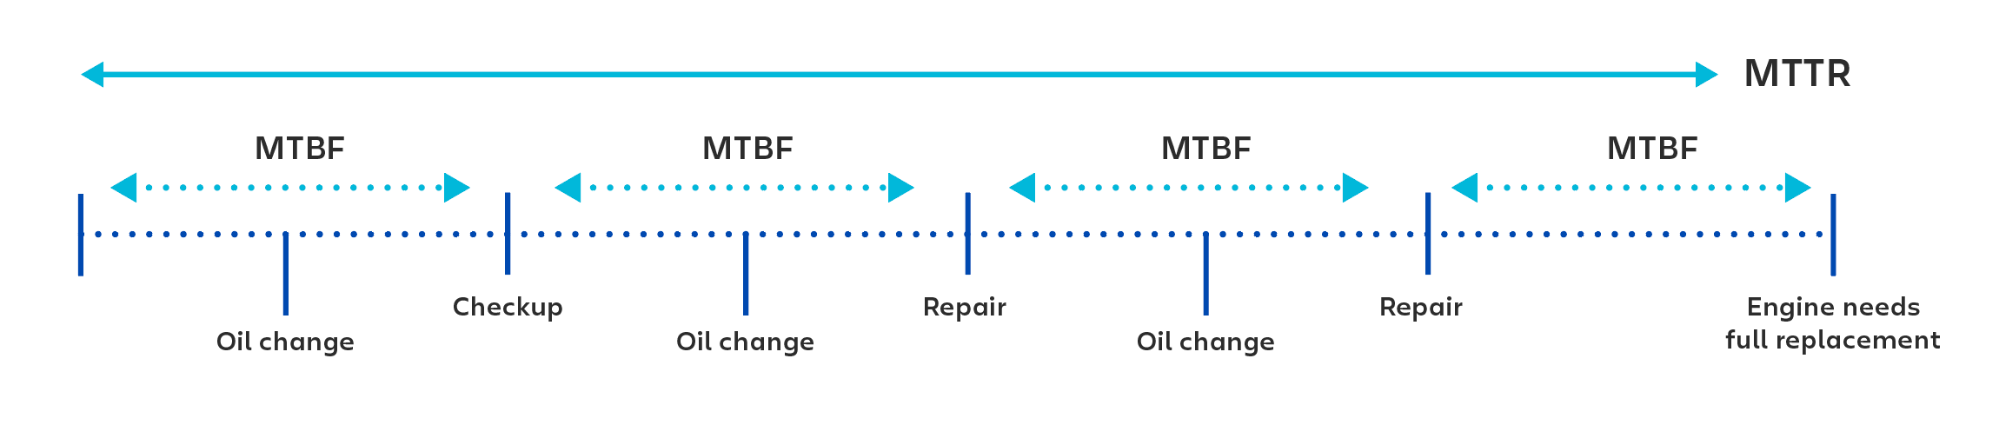 Exemple visuel d'utilisation du temps moyen entre pannes(MTBF) lors du calcul du temps entre chaque vérification ou réparation.